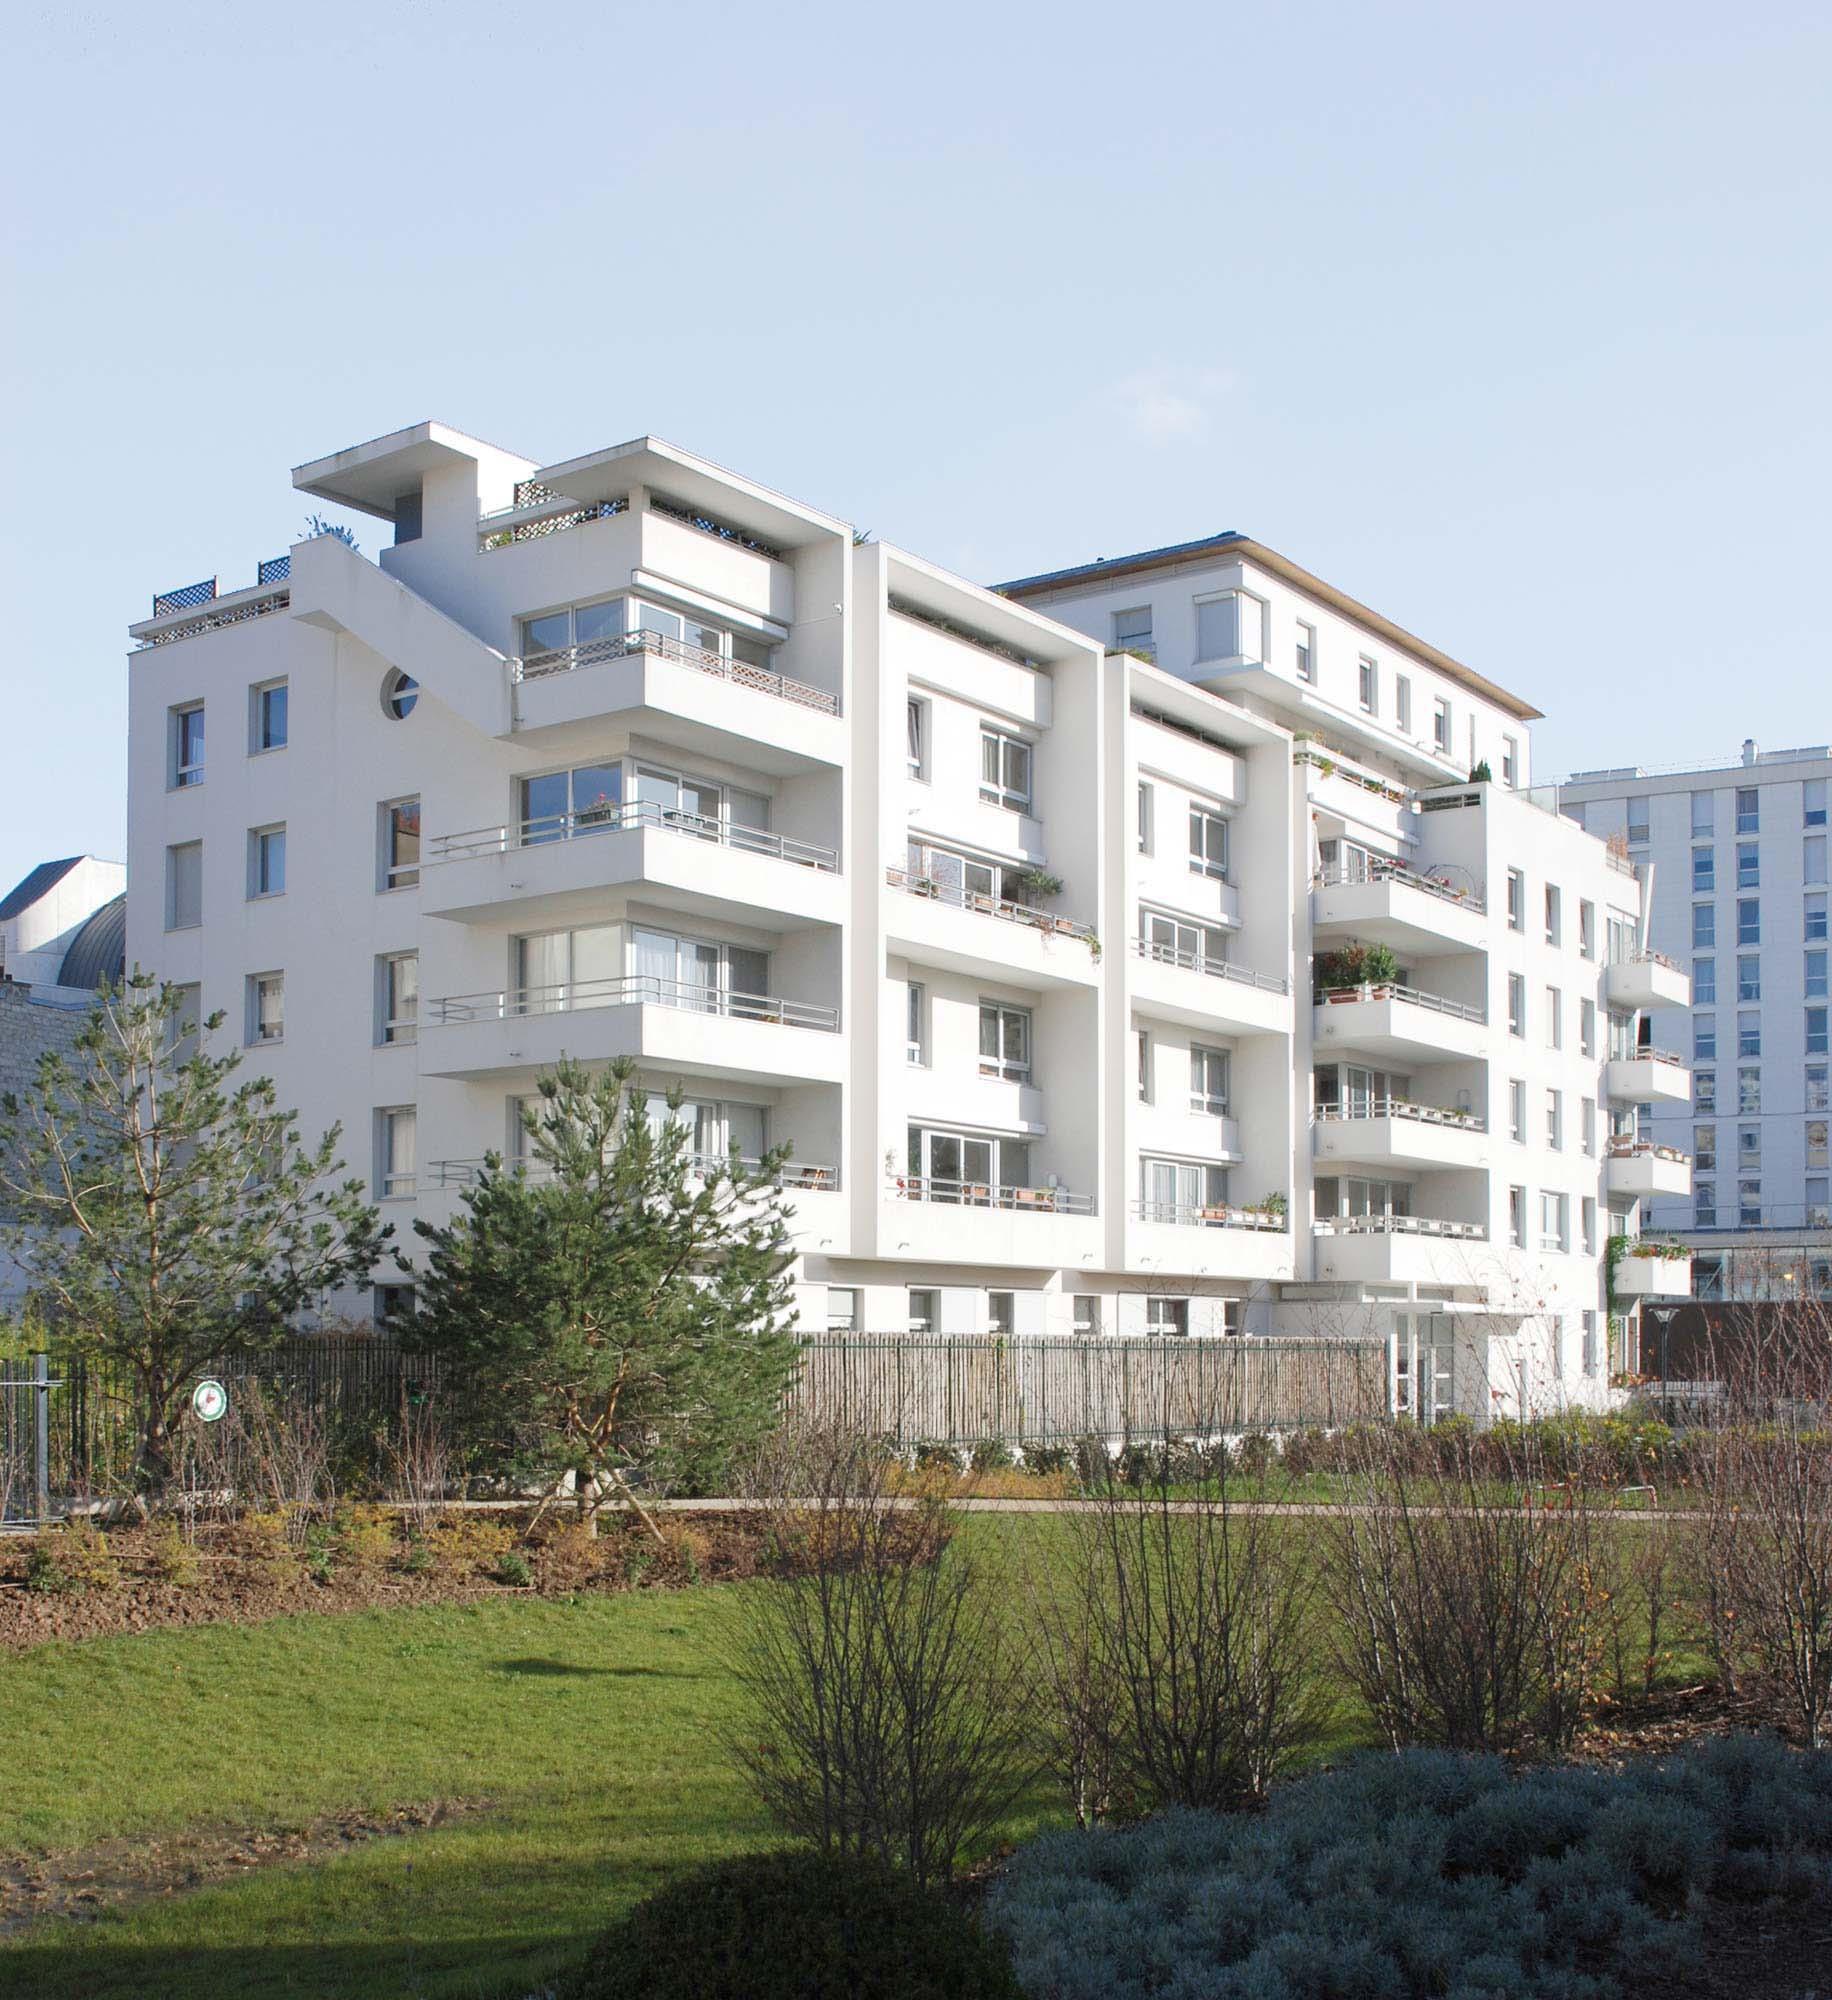 Raf Listowski Atelier d'Architecture Zac Didot Sagi Semea 15 construction immeuble logements accession propriété